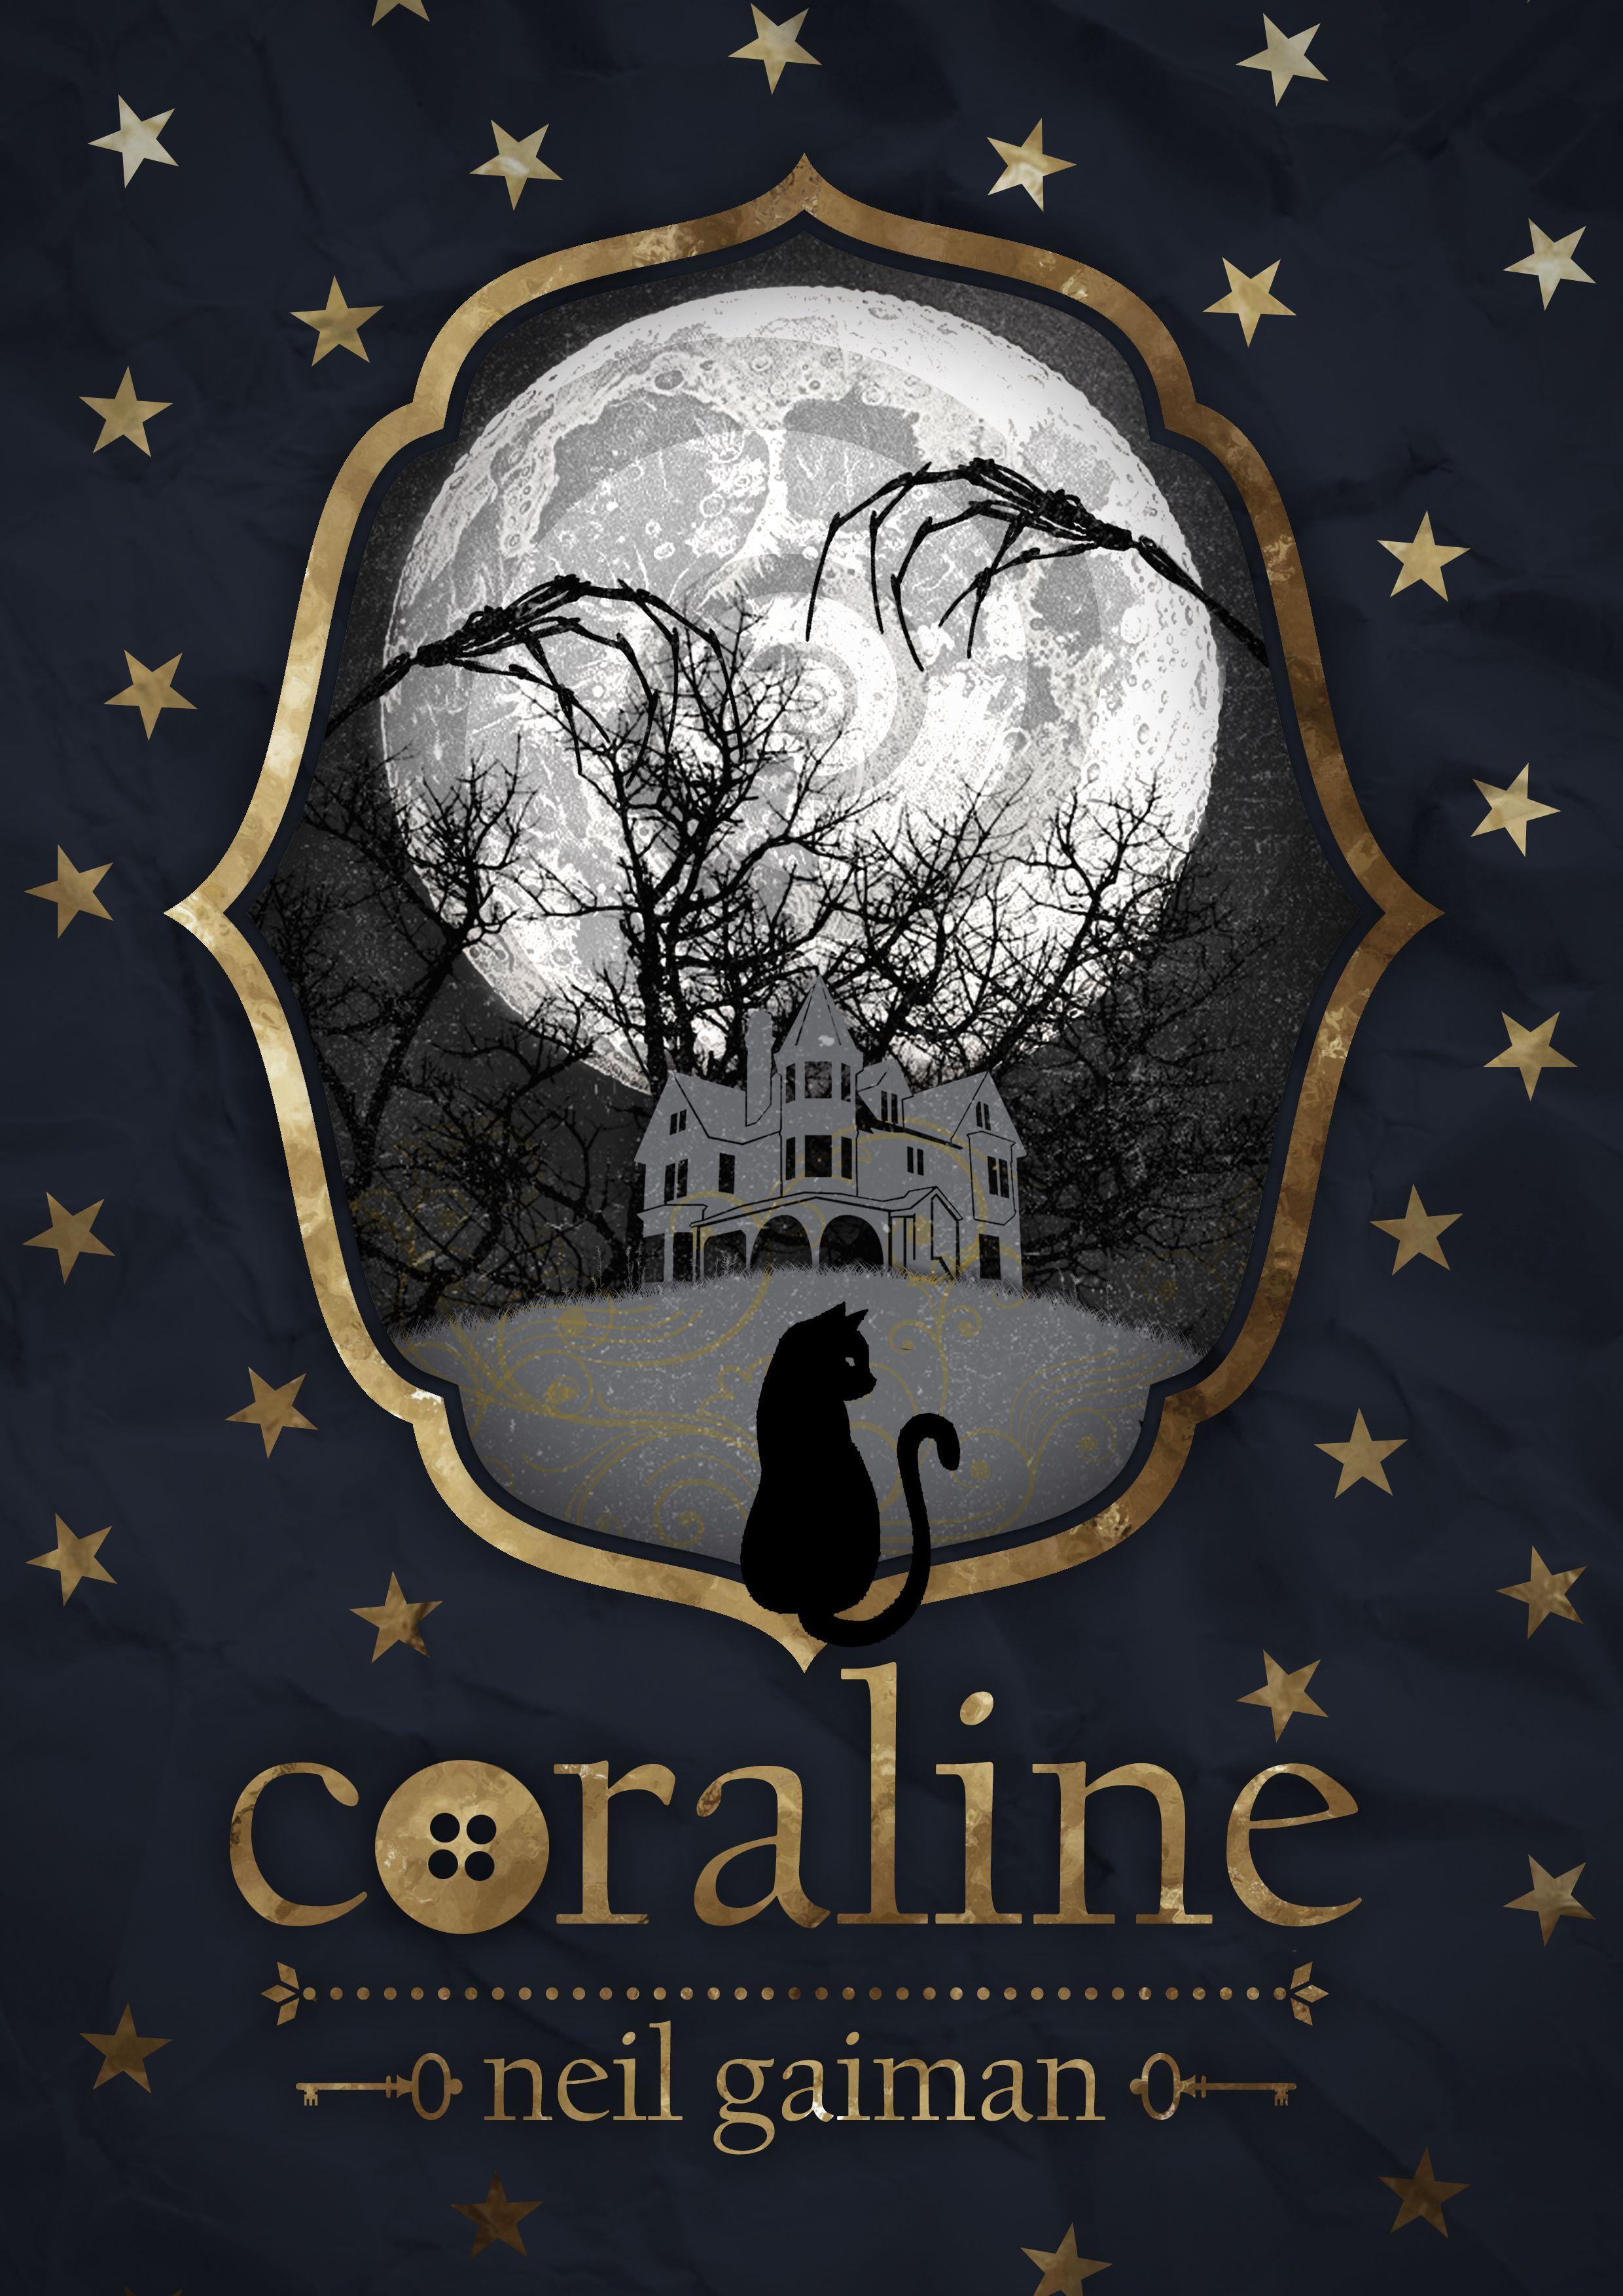 Loja online de A Quimera  Download Refazendo Capas is part of Coraline book - Capas diversas criadas para o quadro Refazendo Capas de Livros, podem ser baixadas livremente aqui          Bela Ado